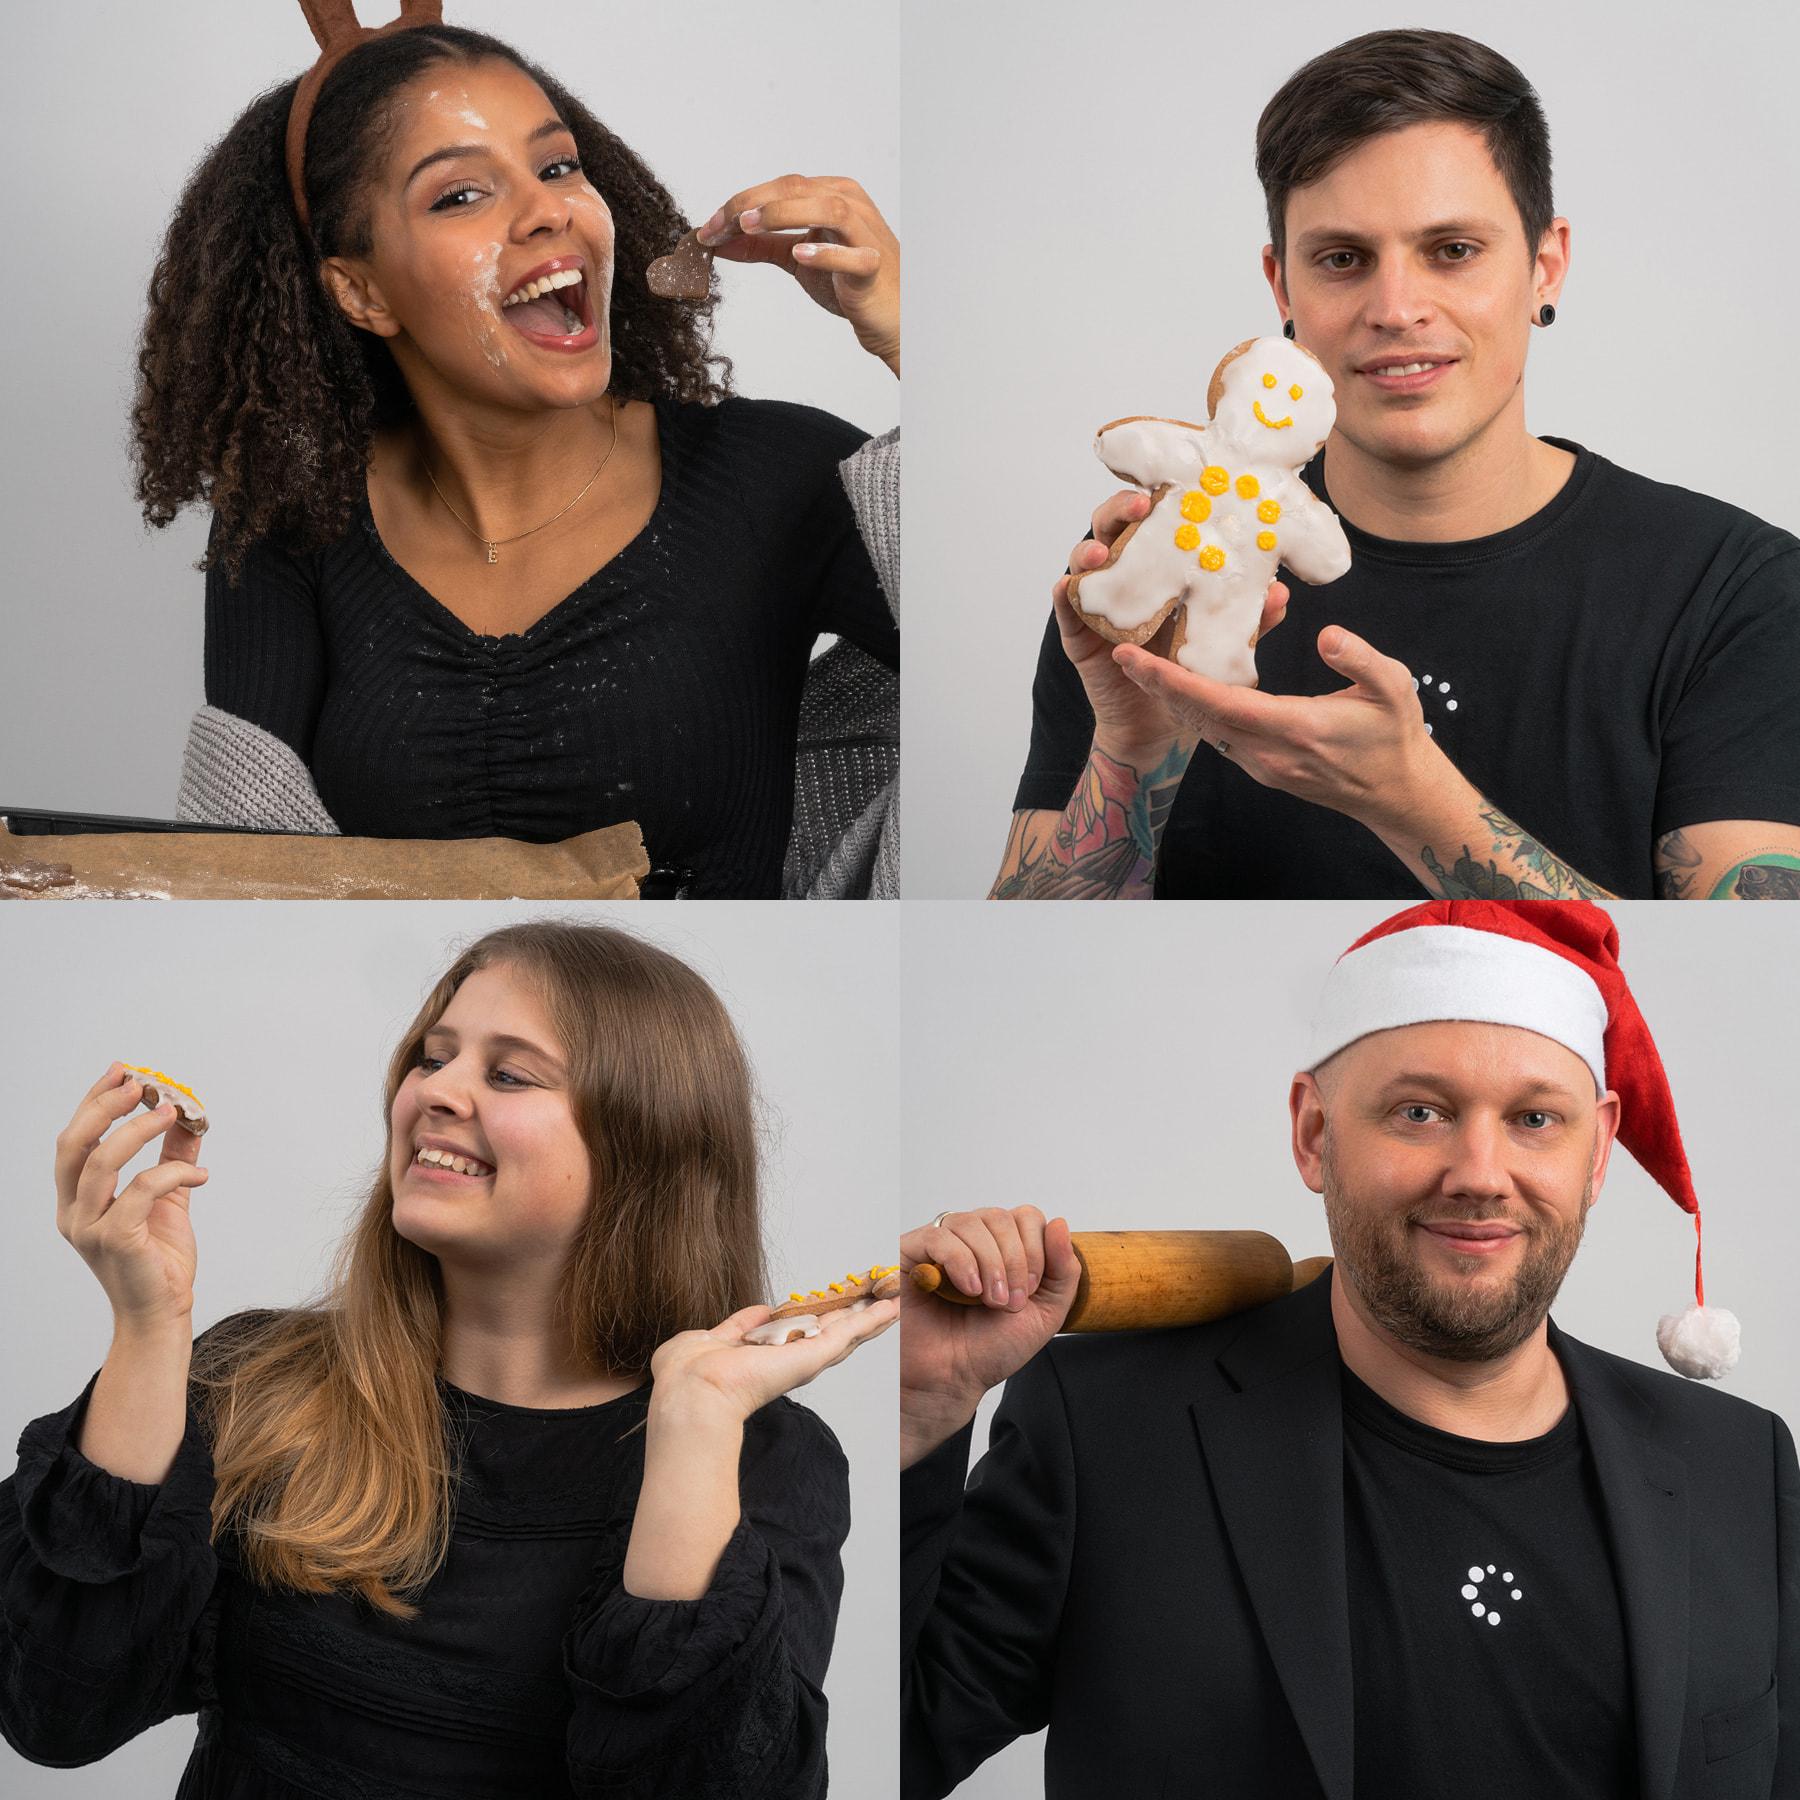 Frohe Weihnachten von new media labs